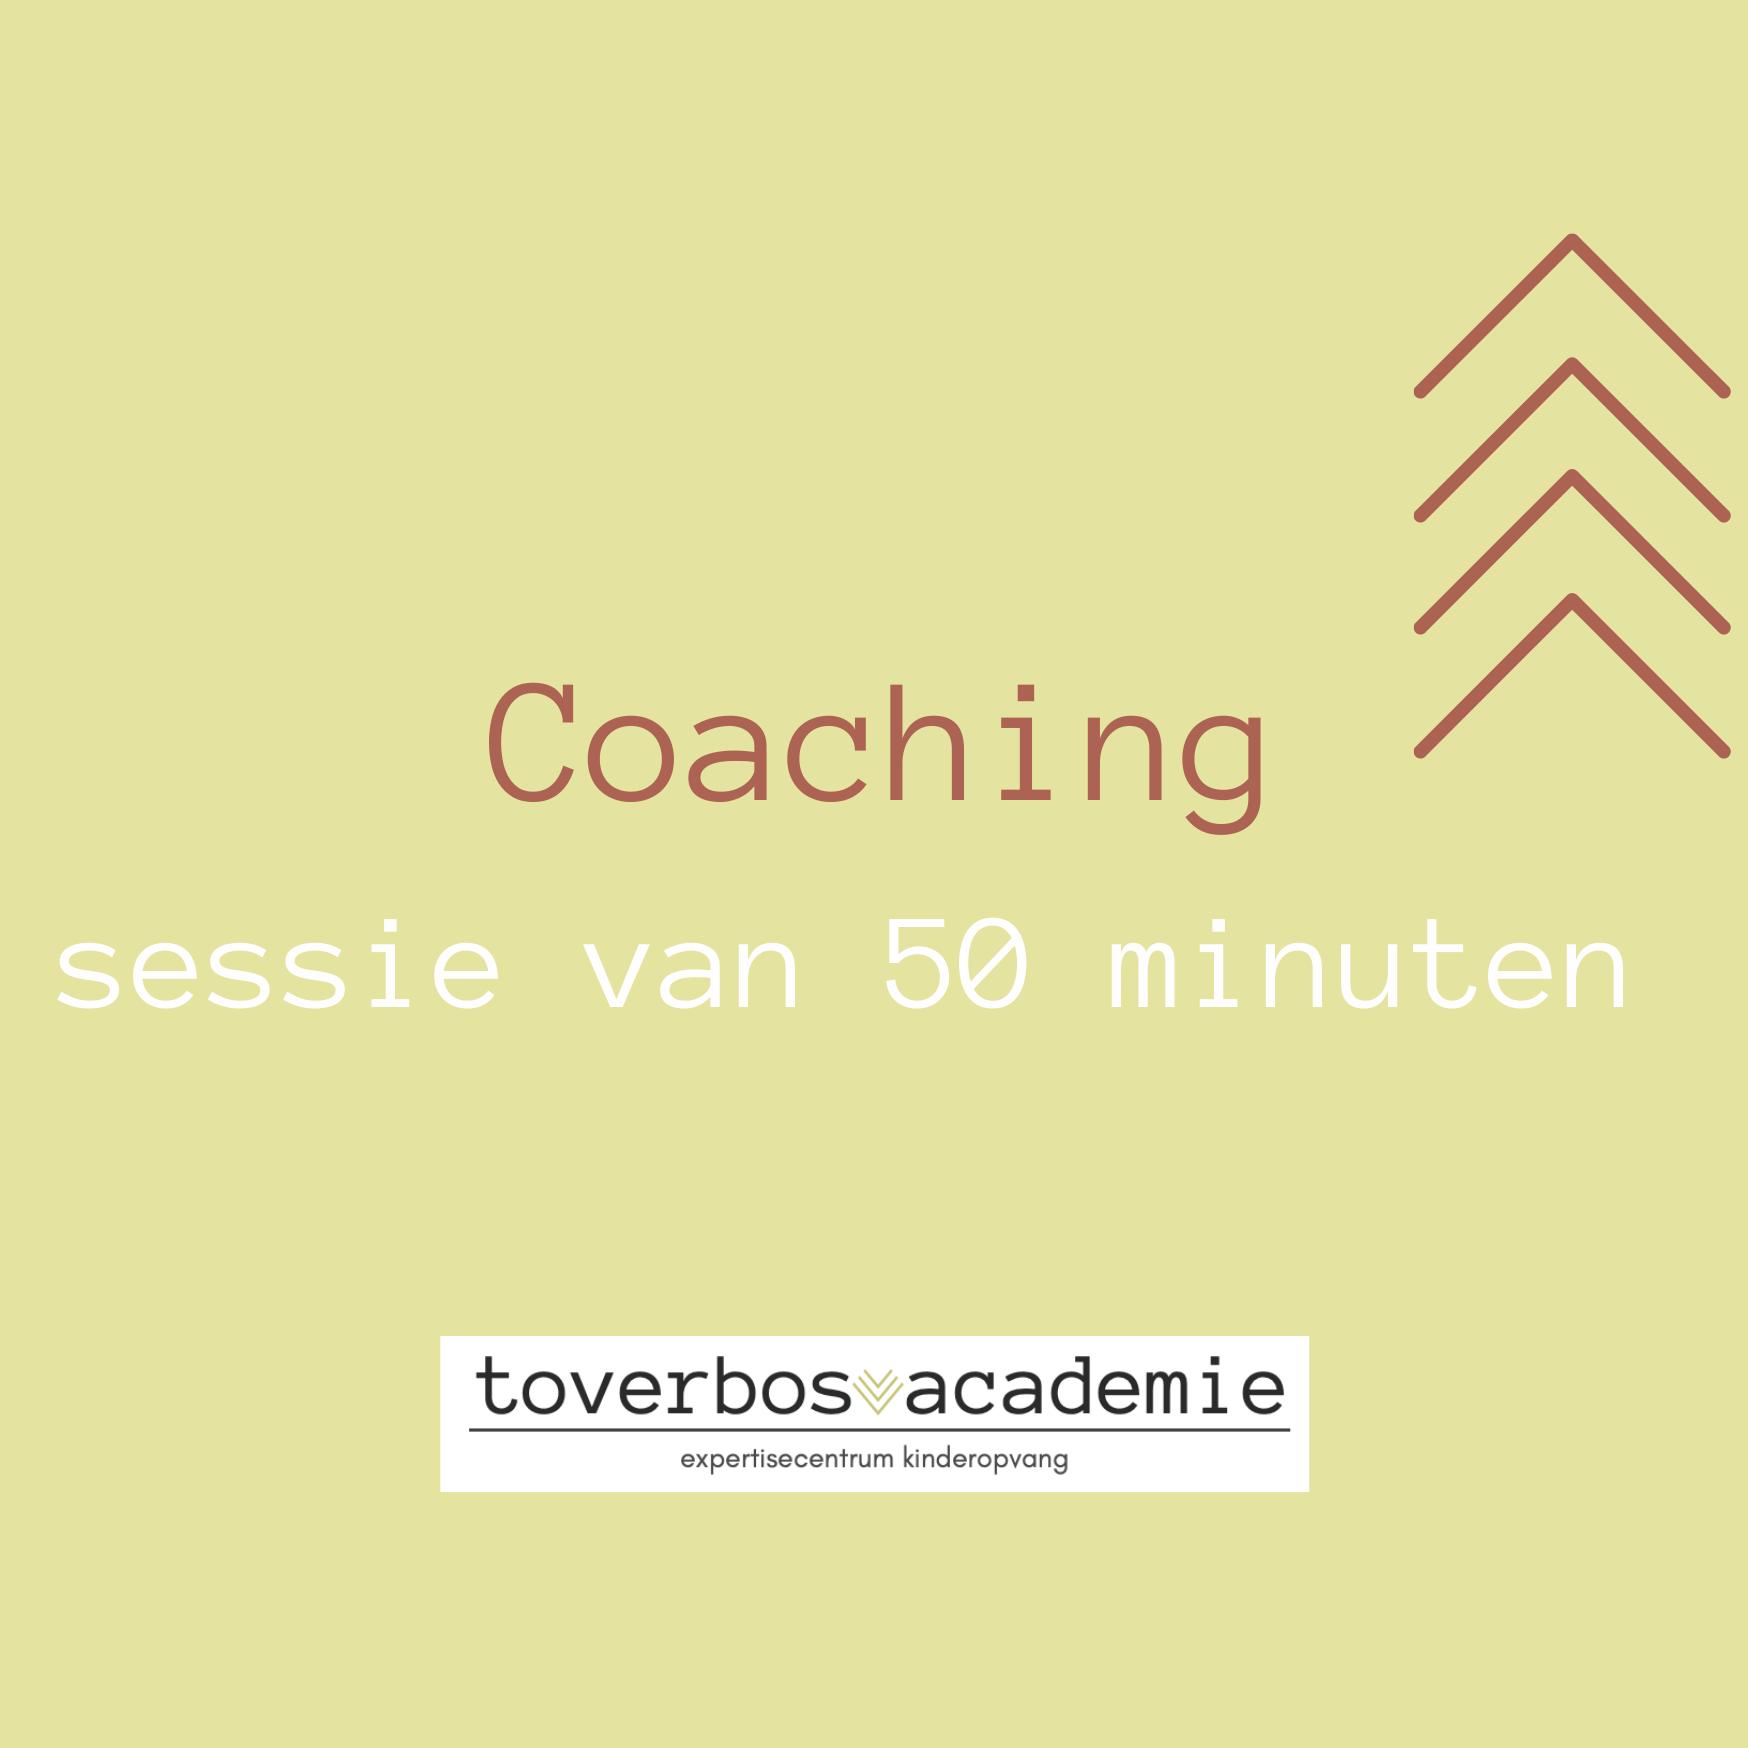 Coachingsessie van 50 minuten